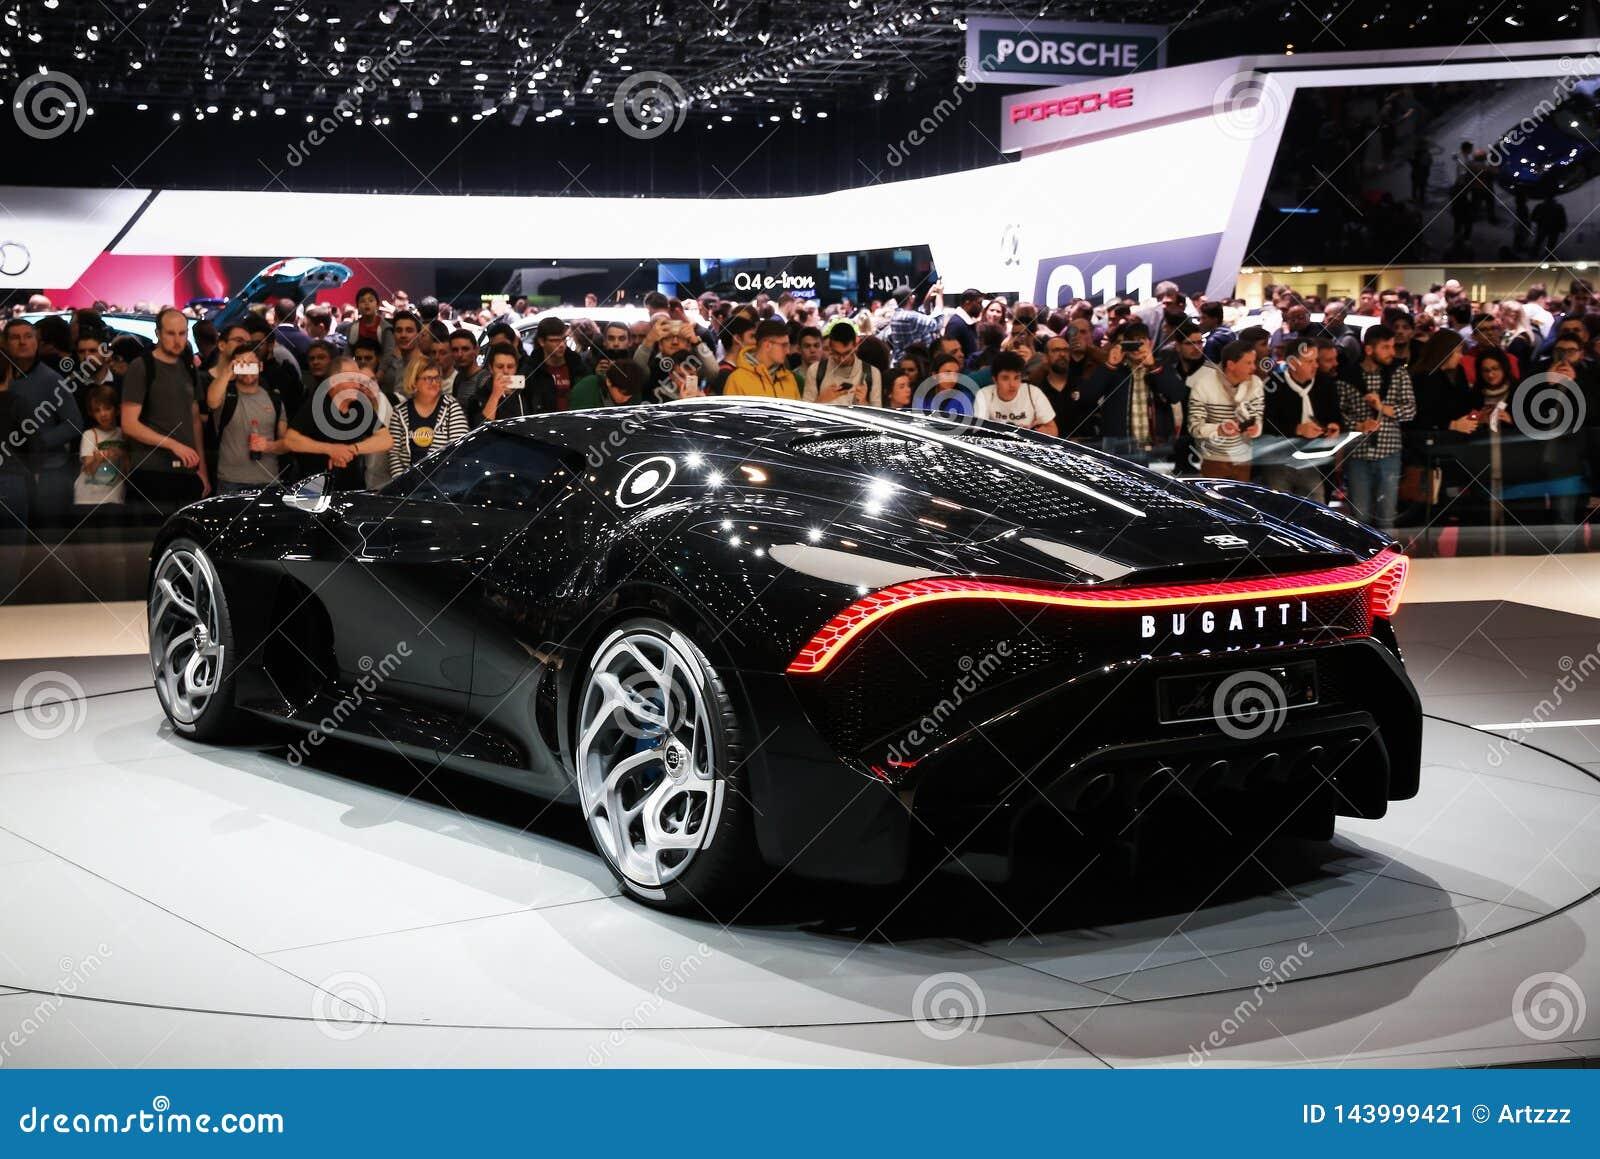 Bugatti La Voiture Noire Editorial Photo Image Of Back 143999421